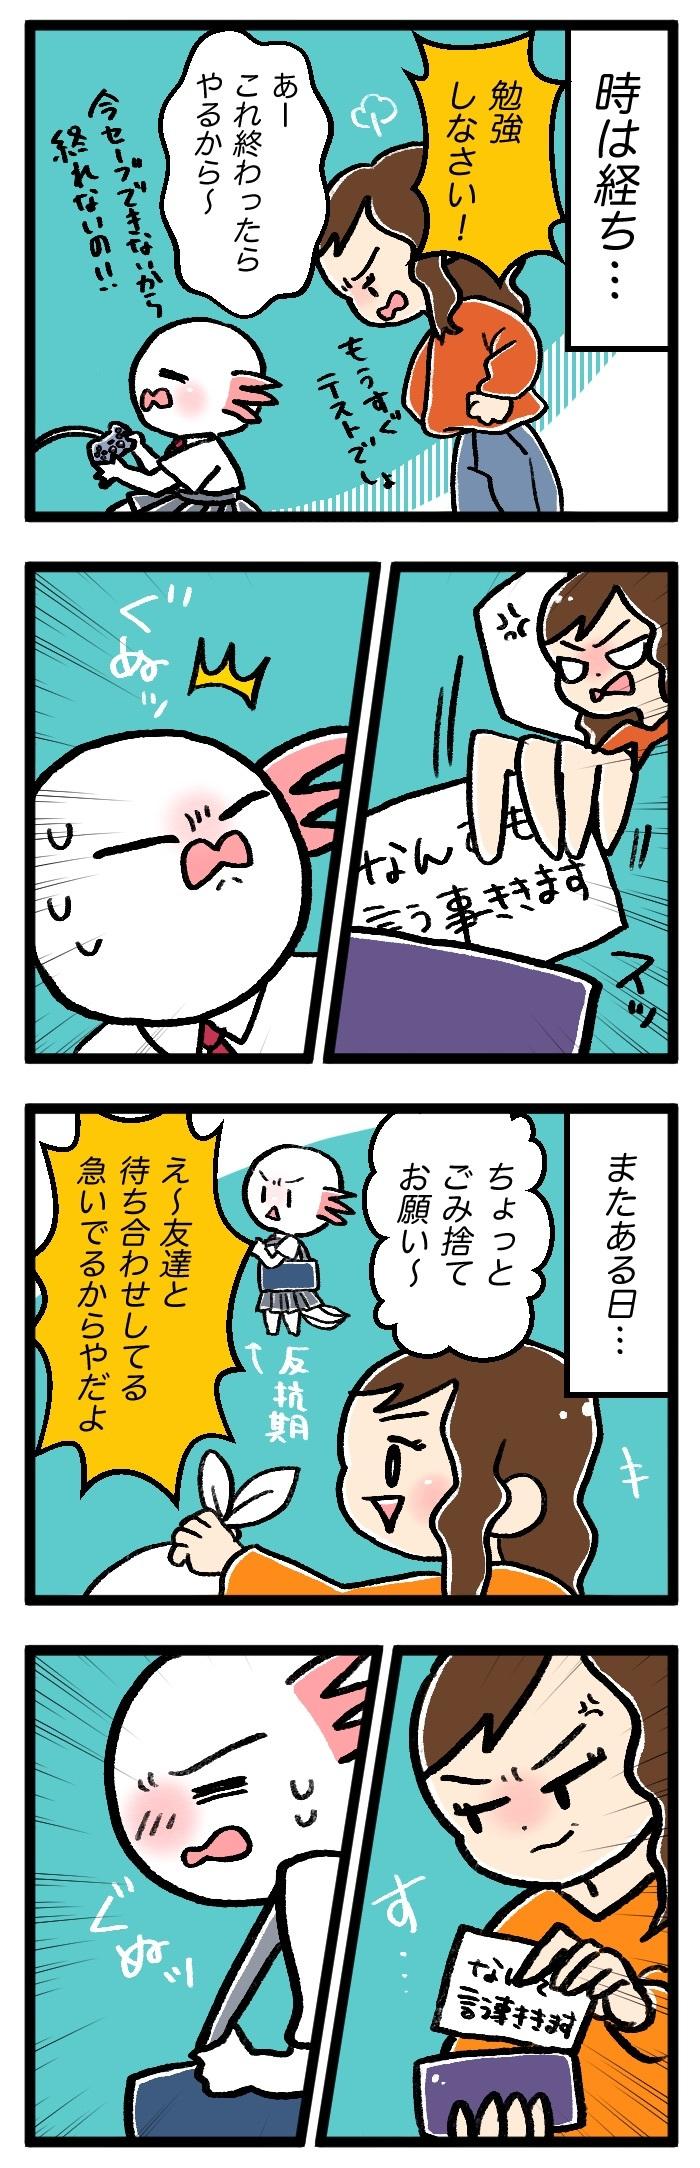 小学生が必死で考えた母の日プレゼント!まさかの後悔(笑)の画像3